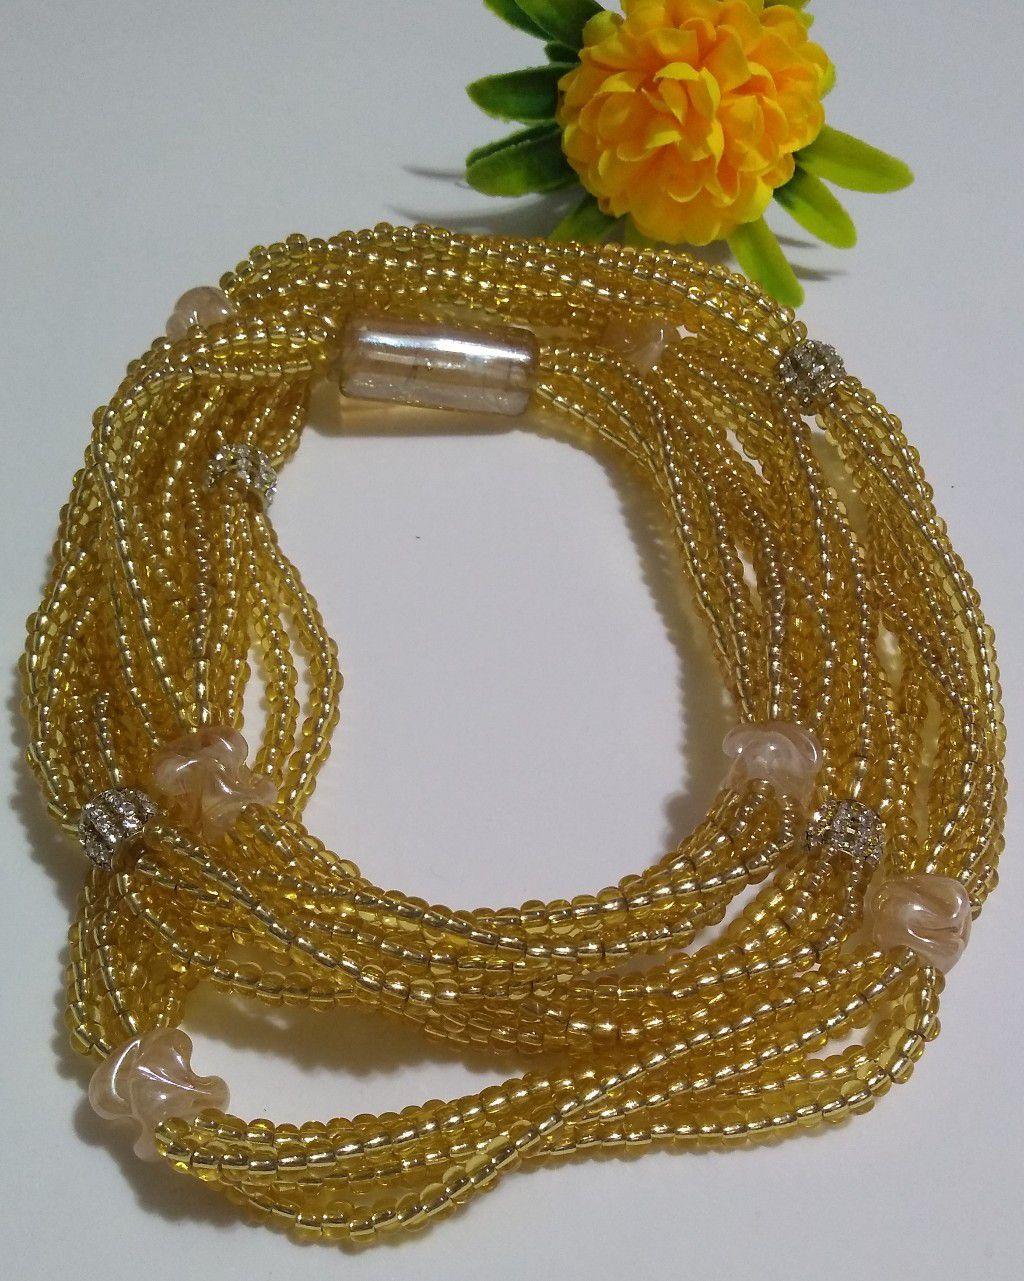 Brajá Luxo de Oxum com 5 fios e strass dourado